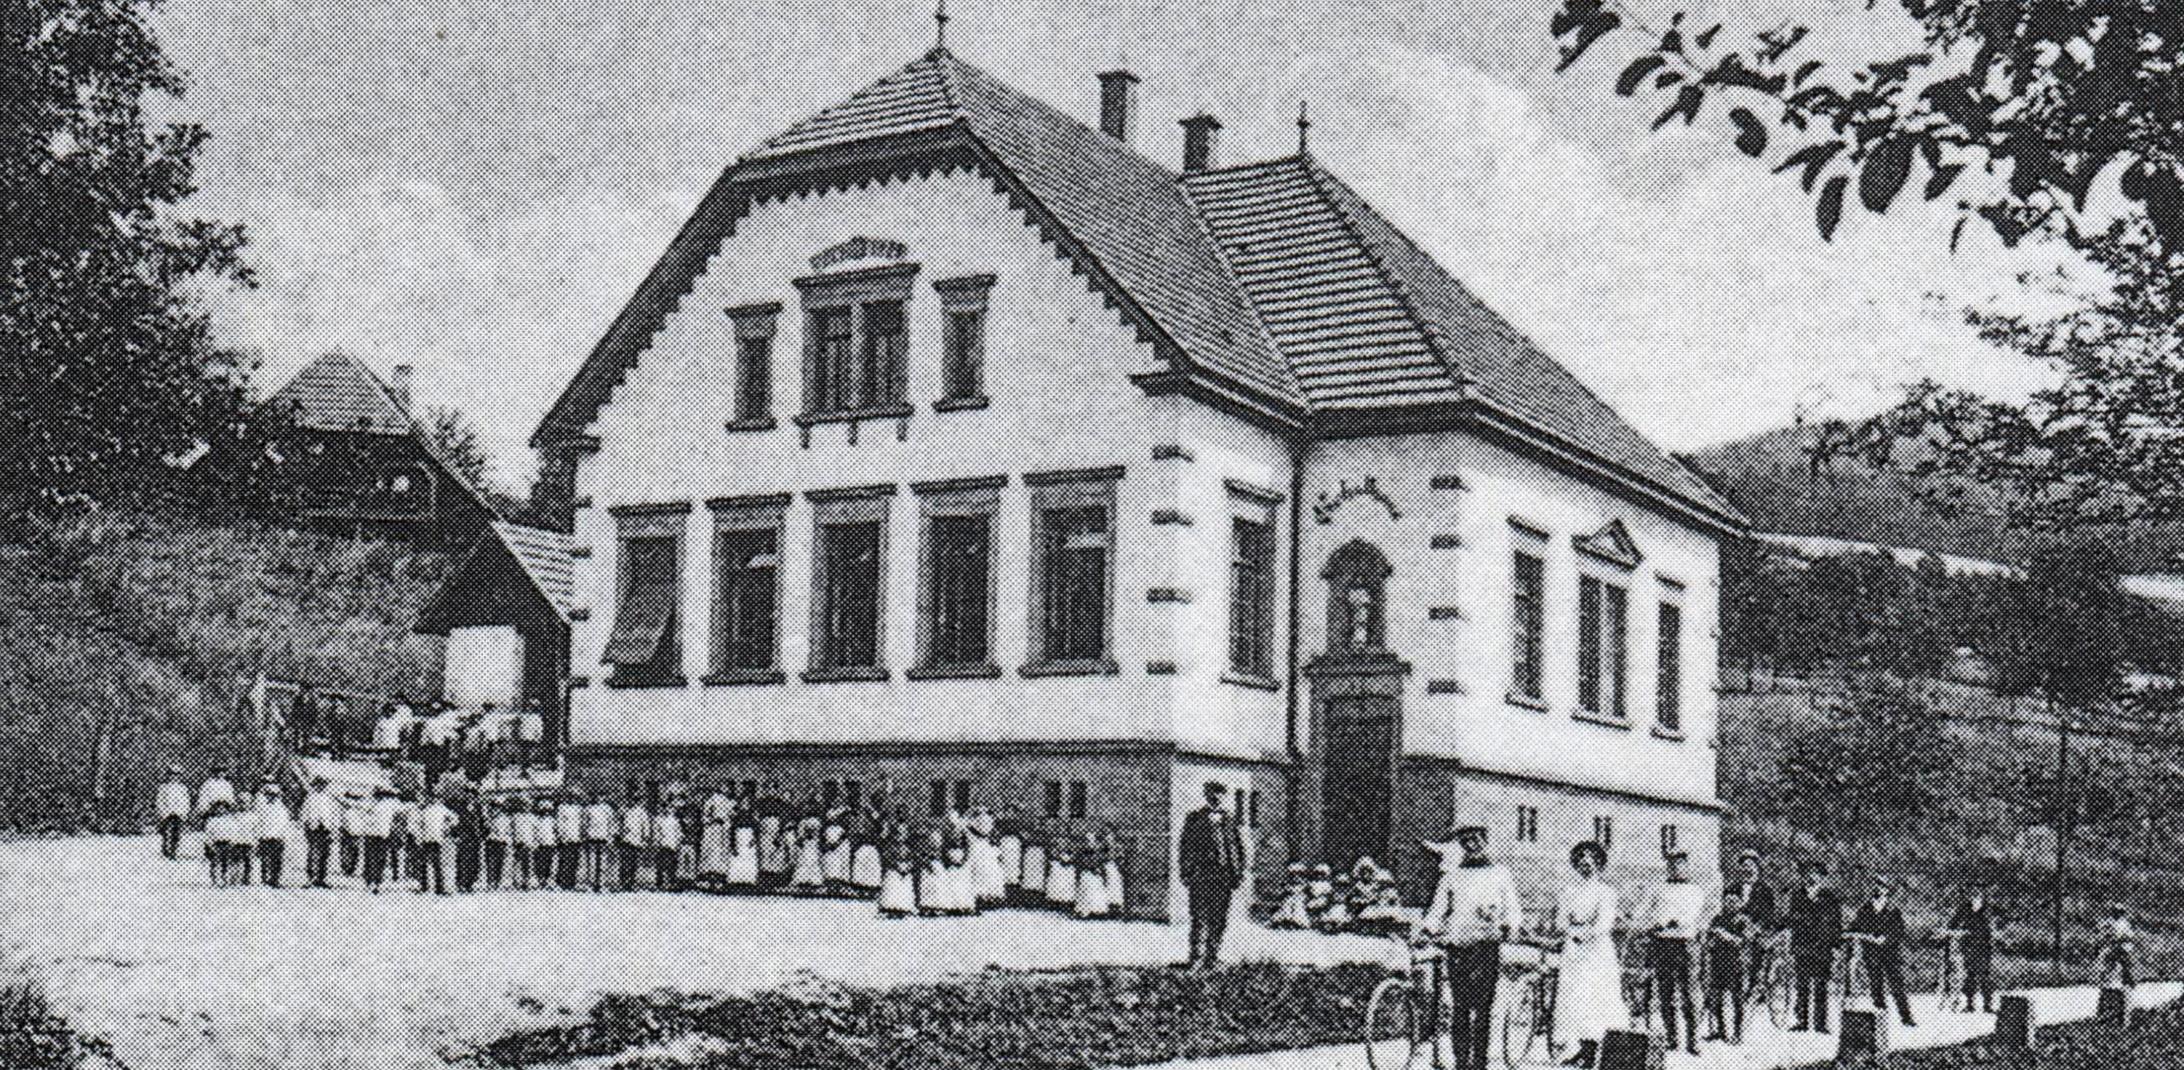 Voller stolz präsentiert 1904 die Gemeinde ihr neues Schulhaus, die heutige Alte Schule, die heutzutage als Vereinshaus genutzt wird.